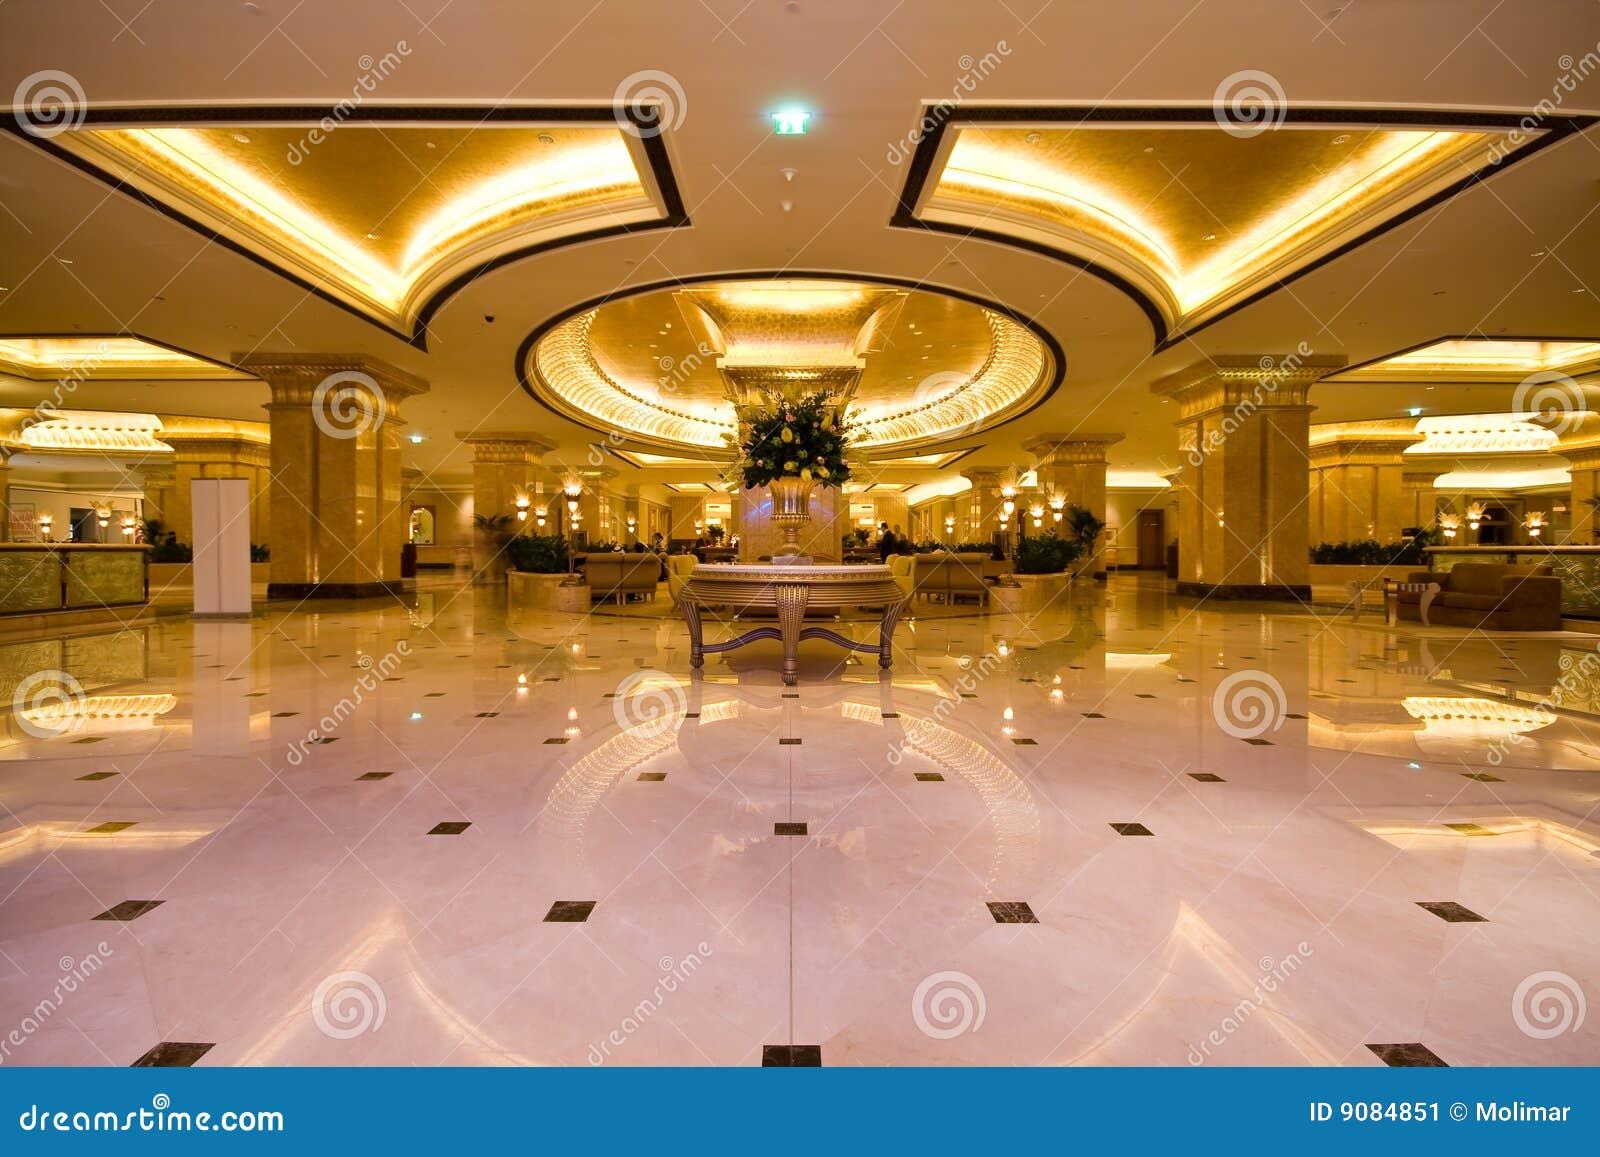 Emirates Palace Hotel Lobby Stock Image - Image: 9084851